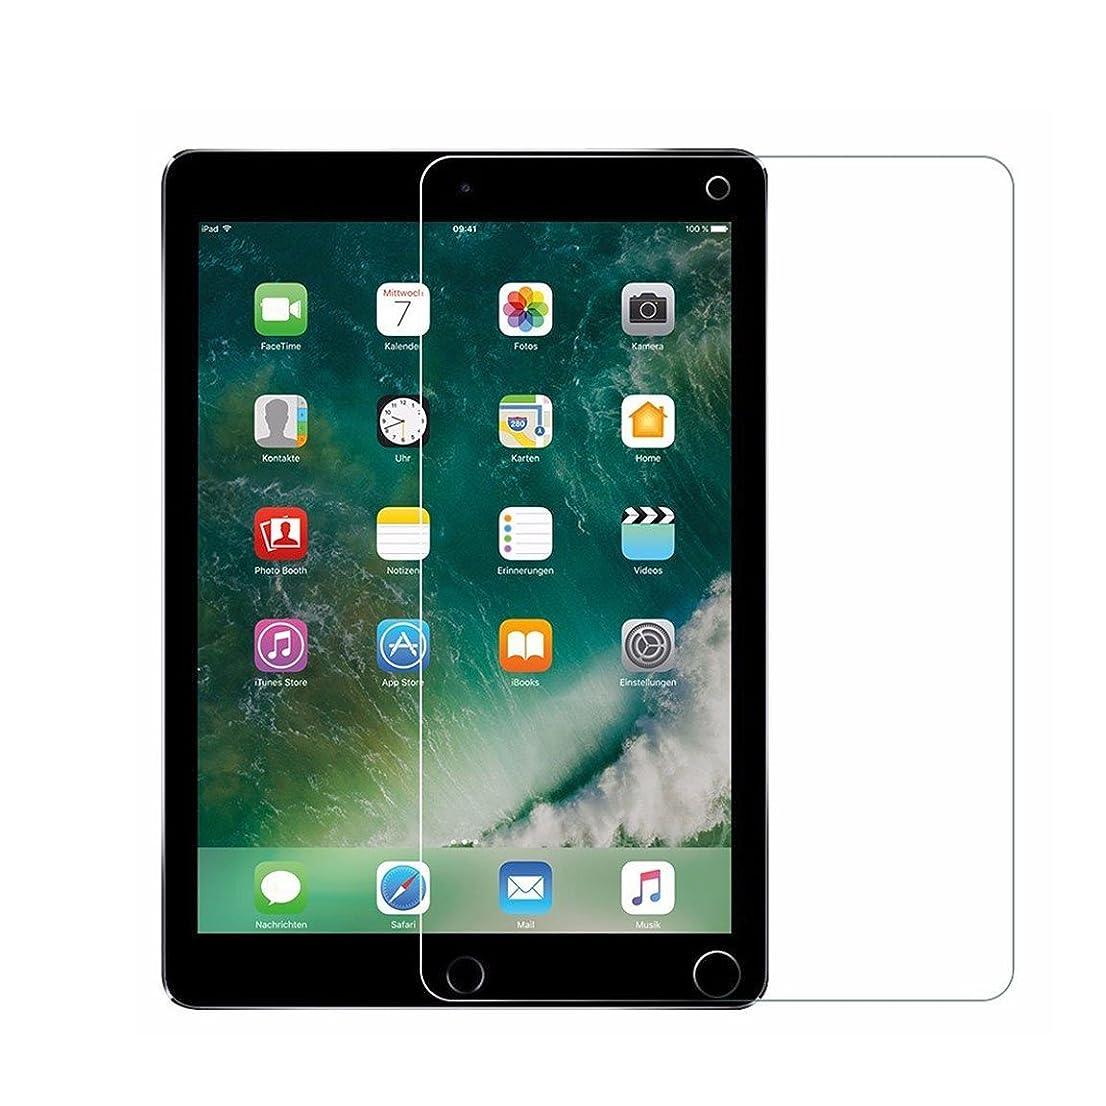 将来の先のことを考える荒廃するAOKKR iPad 10.5 フィルム 最新版 極高透過率 硬度9H 液晶保護フィルム 日本製素材旭硝子製 高感度タッチ 防爆裂 iPad pro 10.5 ガラスフィルム